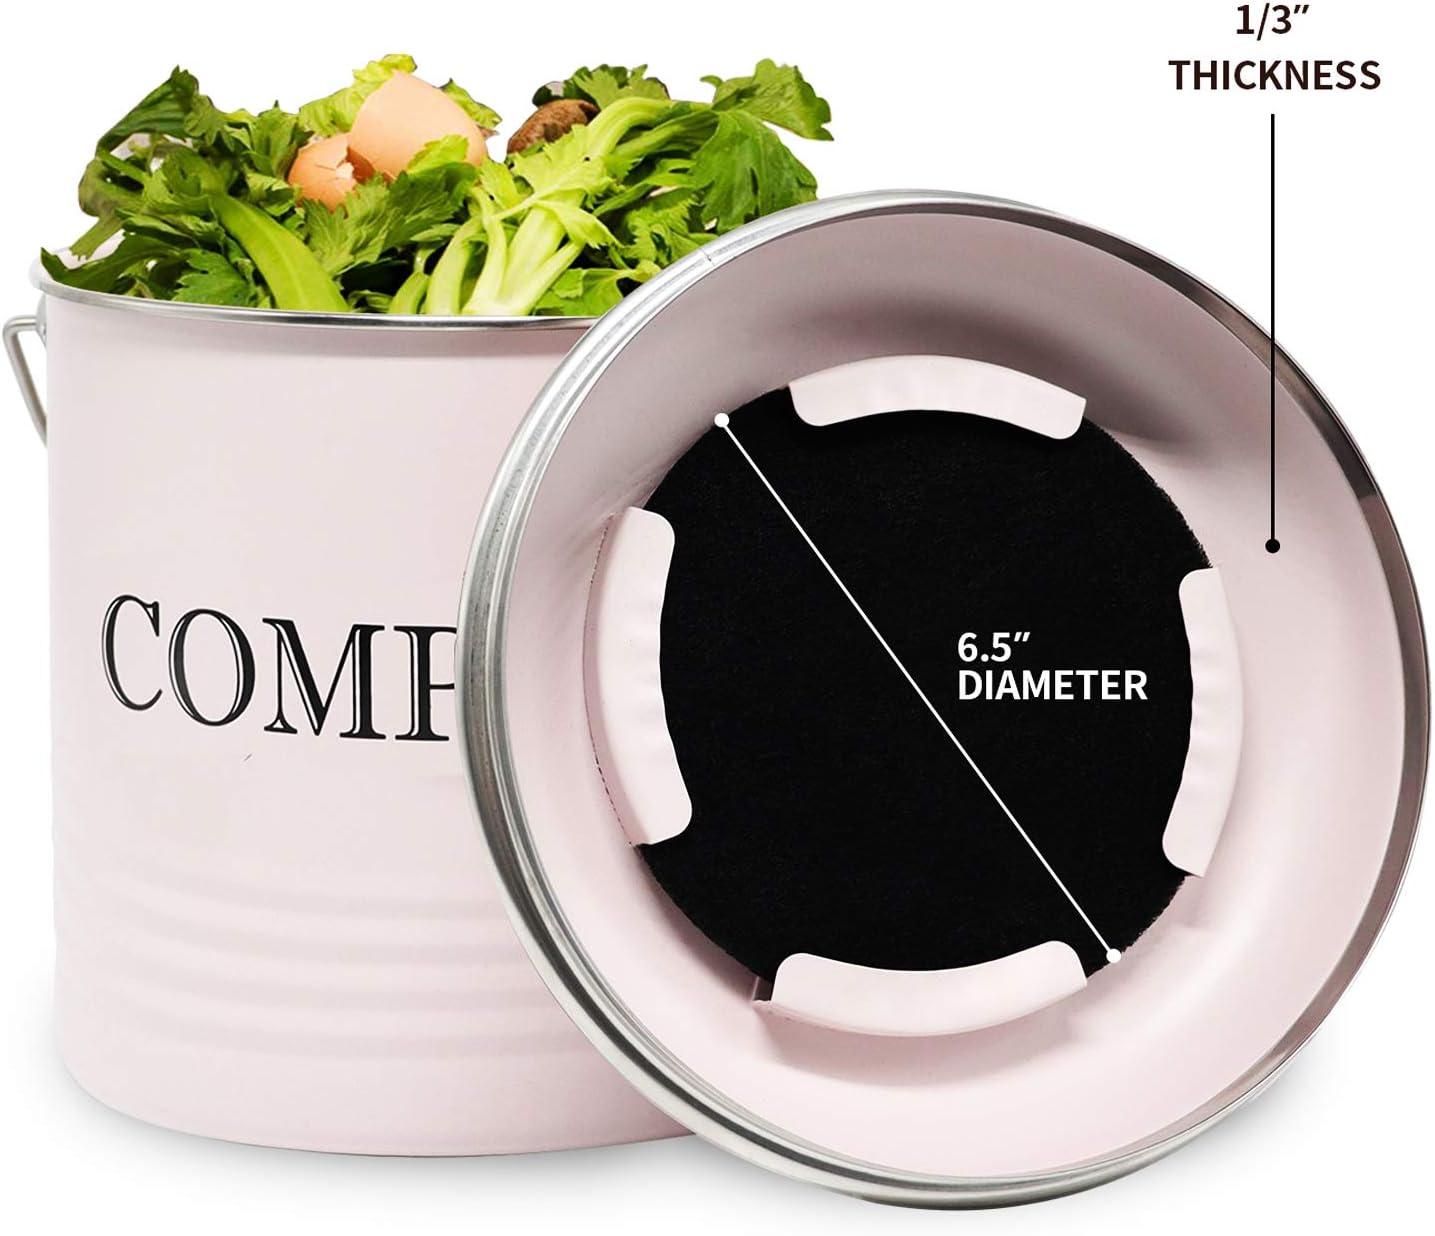 Jolitac Komposteimer mit 8 Bonus-Aktivkohlefiltern Vintage Macaron Pink Recycling Abfalleimer 5 Liter Komposteimer mit Deckel f/ür den Innenbereich